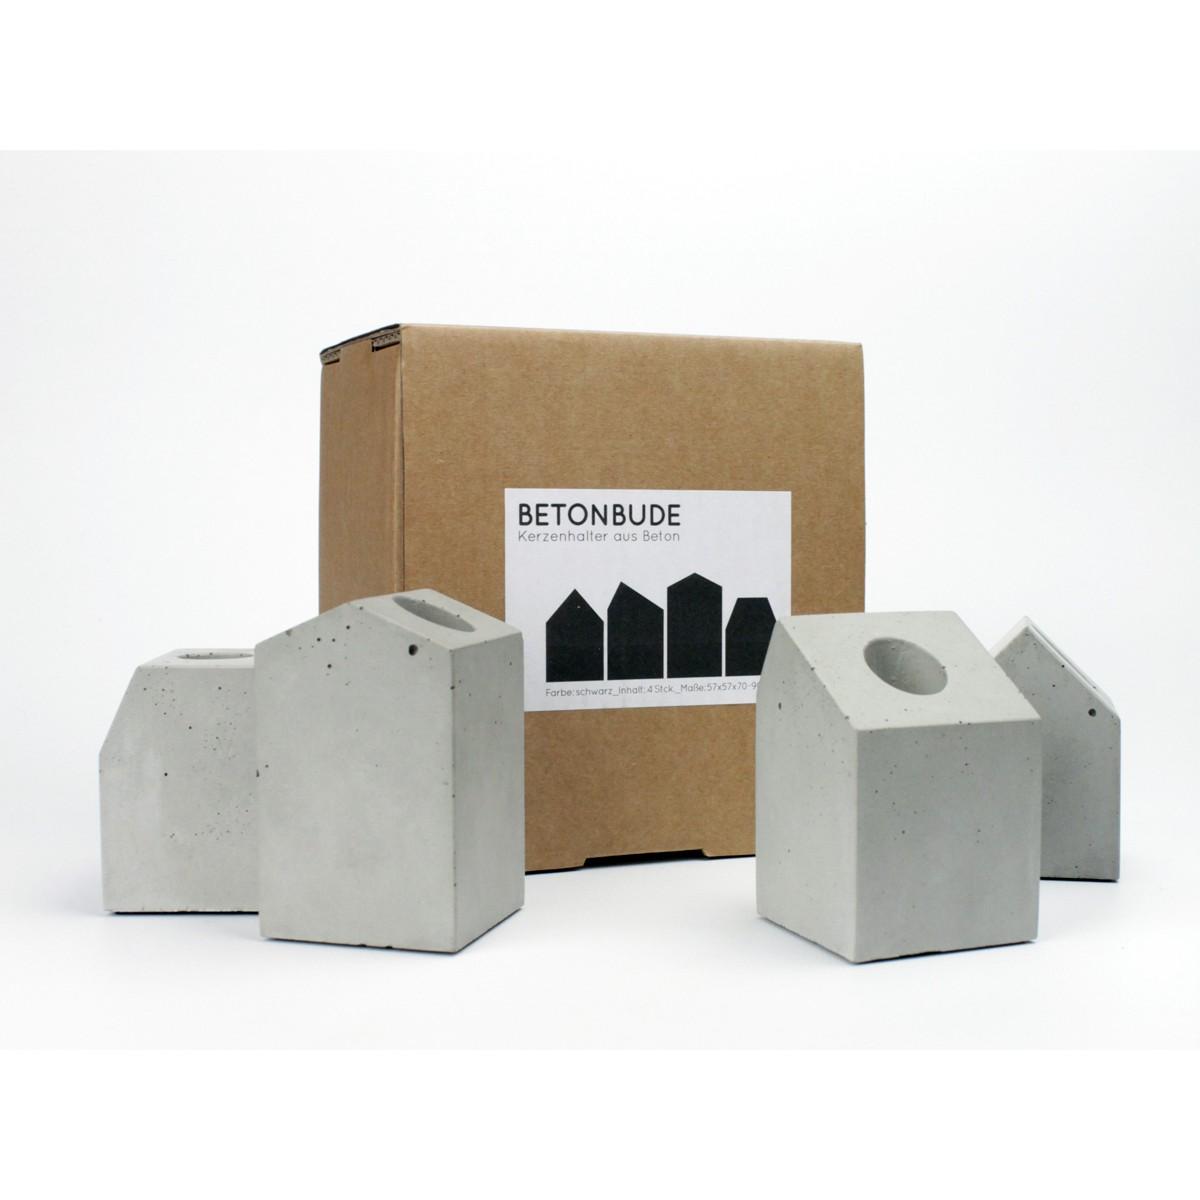 lalupo betonbude 4er set kerzenhalter aus beton. Black Bedroom Furniture Sets. Home Design Ideas